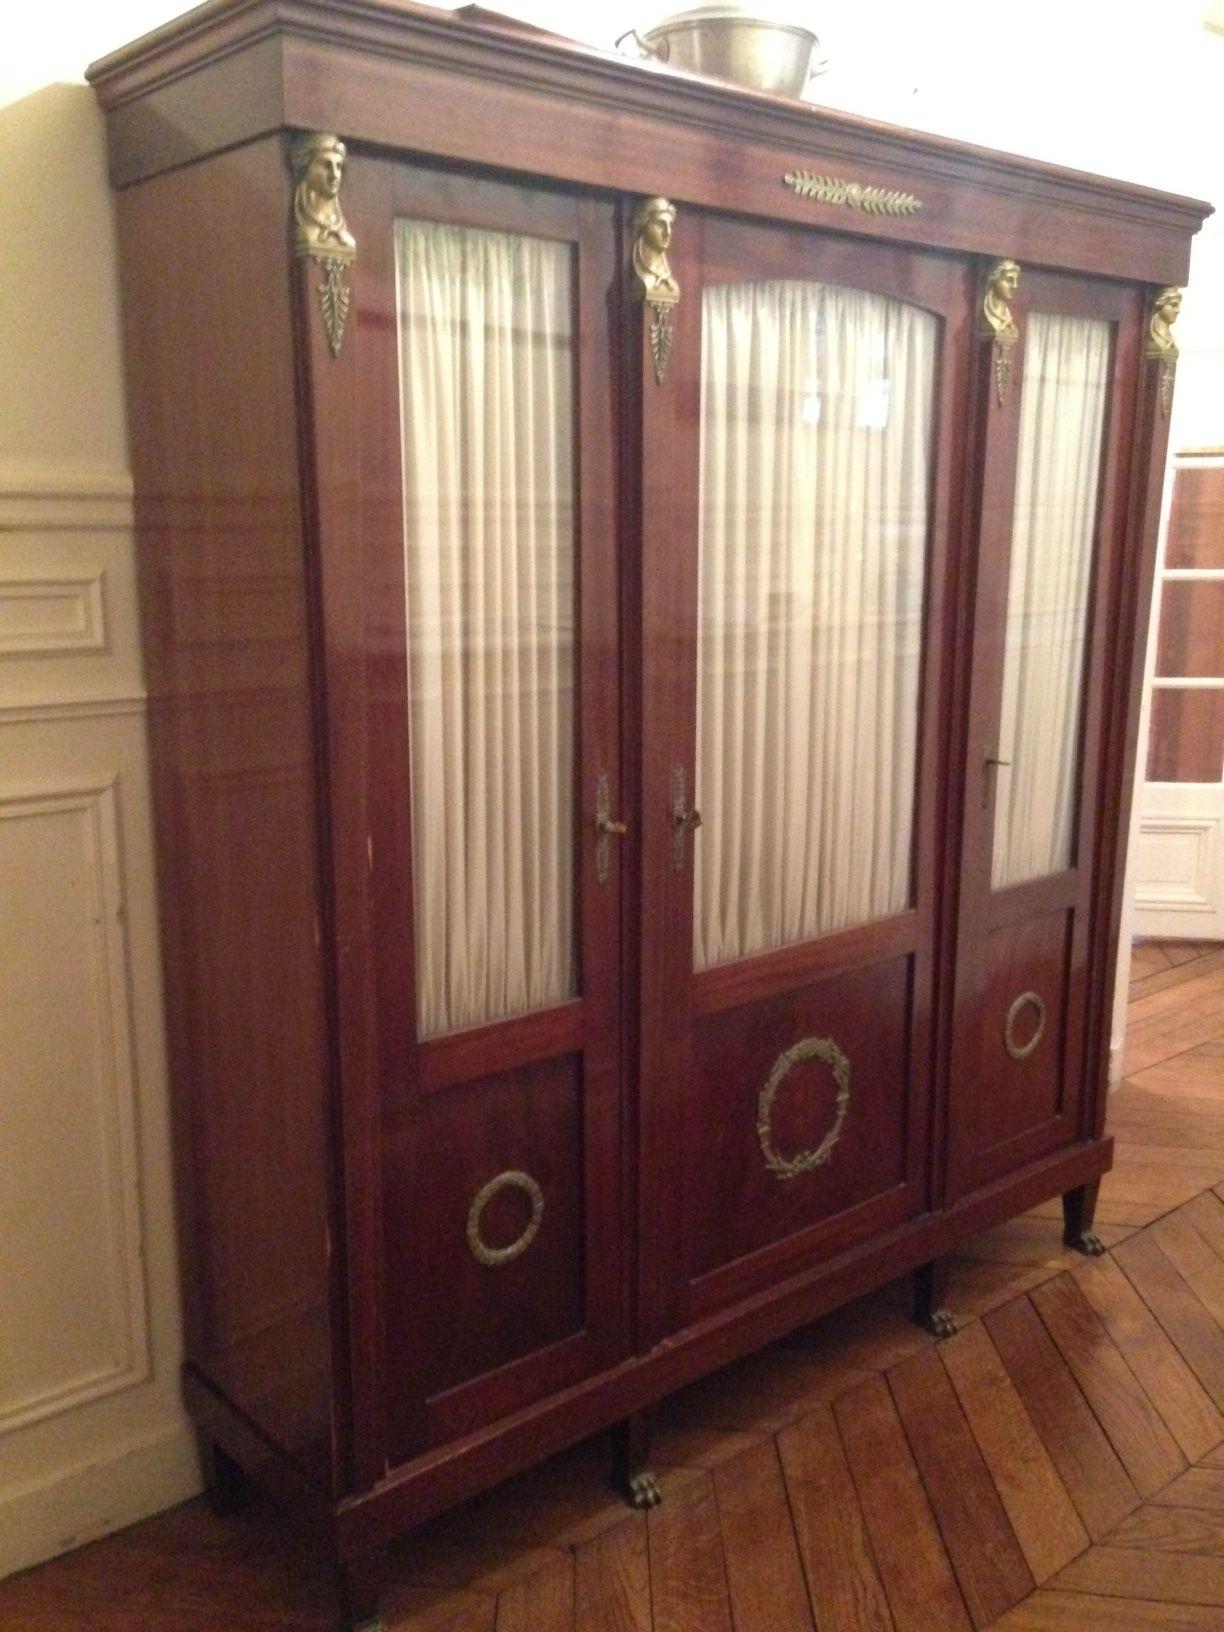 biblioth ques occasion paris 17 75 annonces achat et vente de biblioth ques paruvendu. Black Bedroom Furniture Sets. Home Design Ideas